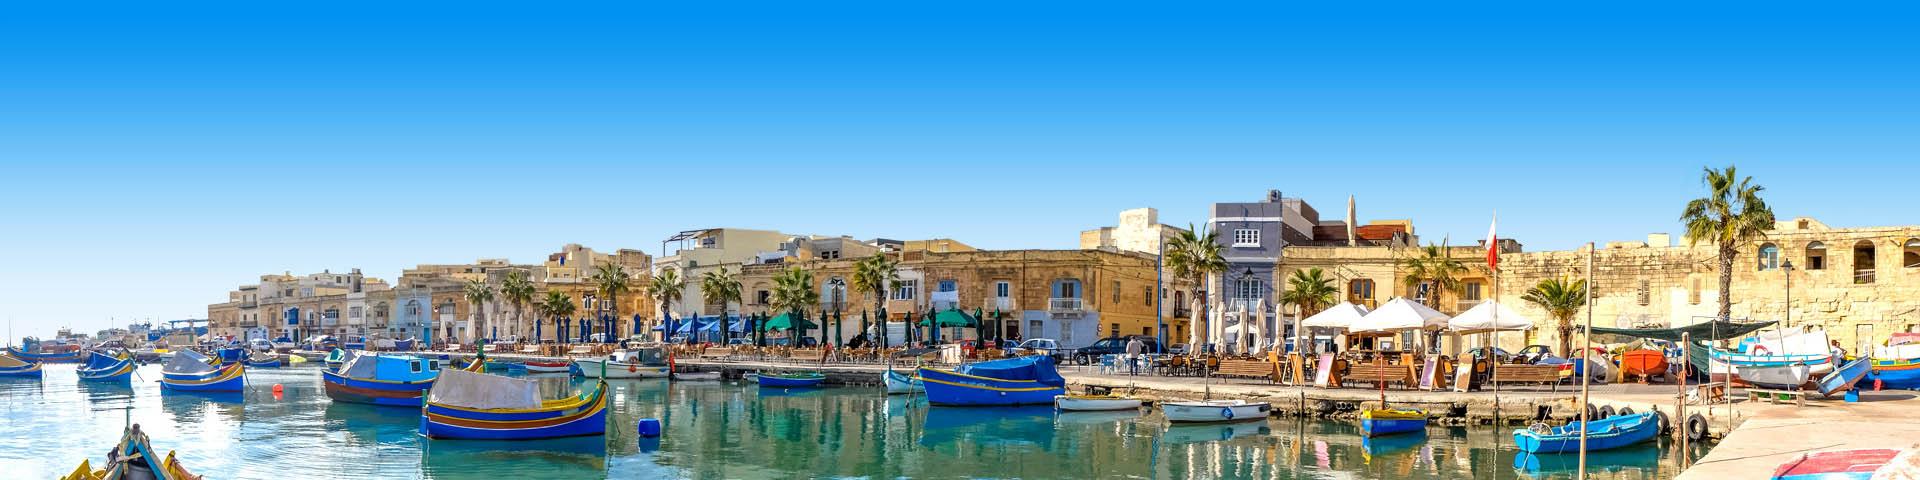 Bootjes in de gezellige haven van Malta met boulevard